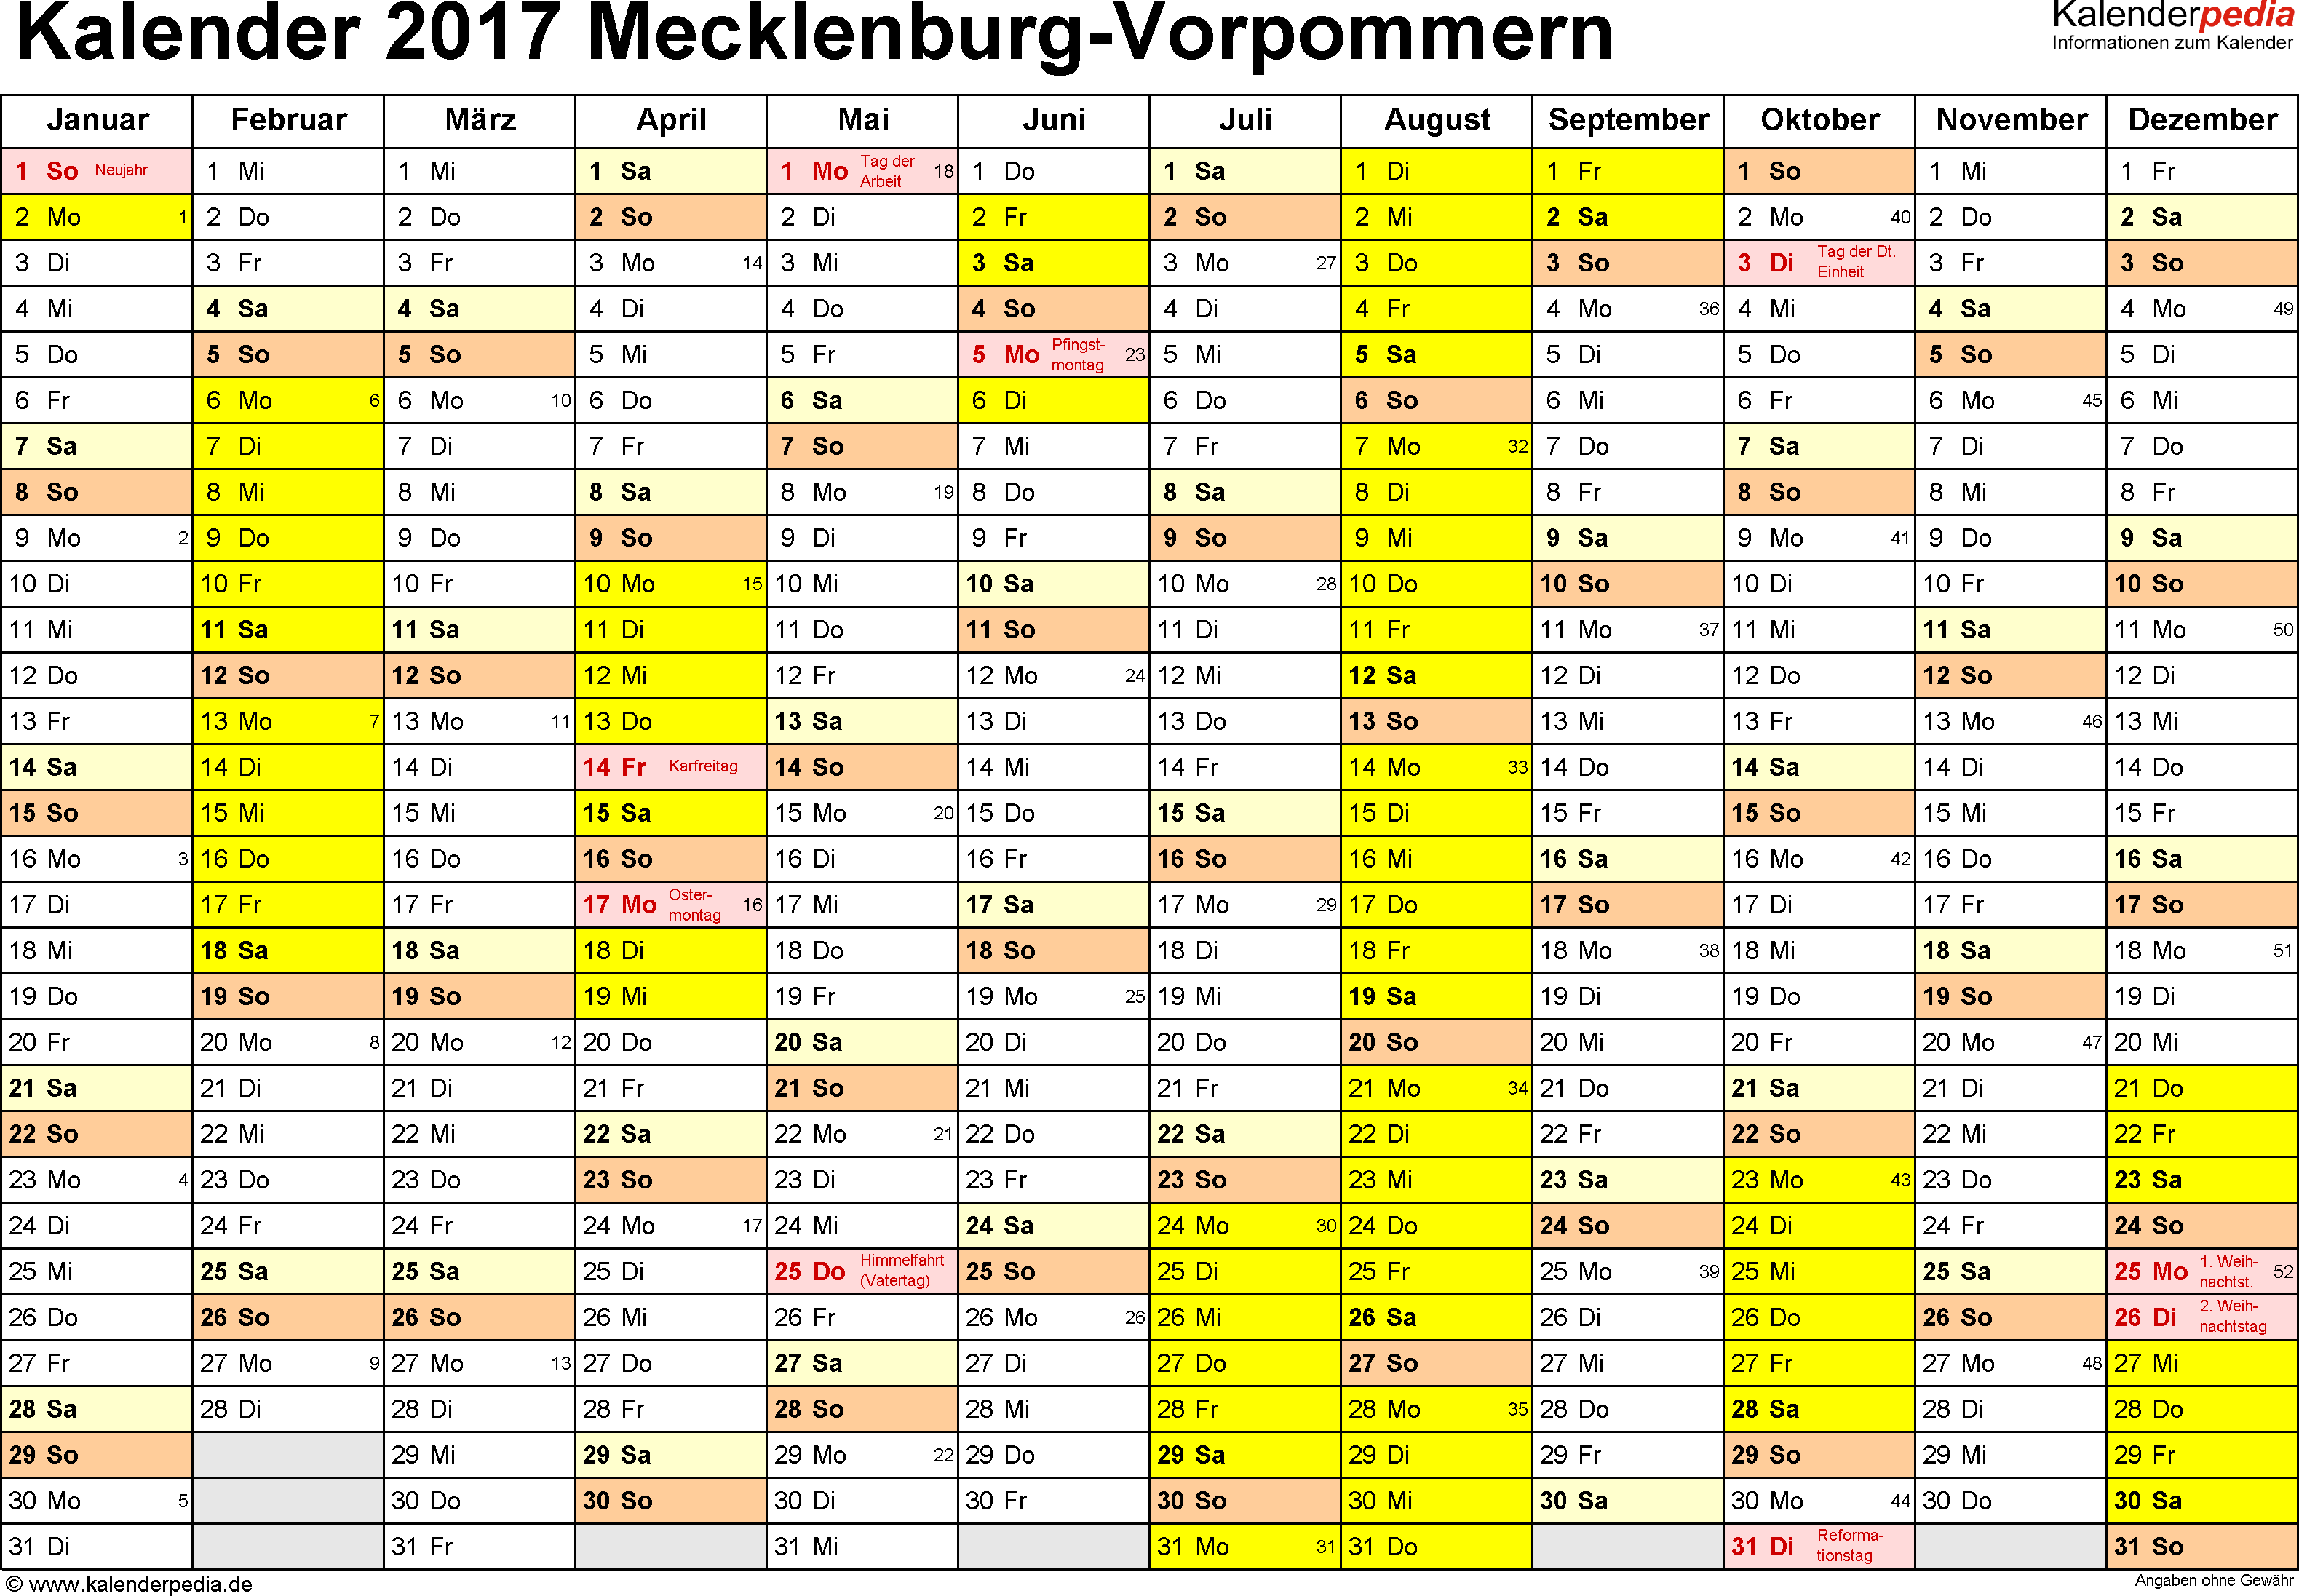 Vorlage 1: Kalender 2017 für Mecklenburg-Vorpommern als PDF-Vorlage (Querformat, 1 Seite)